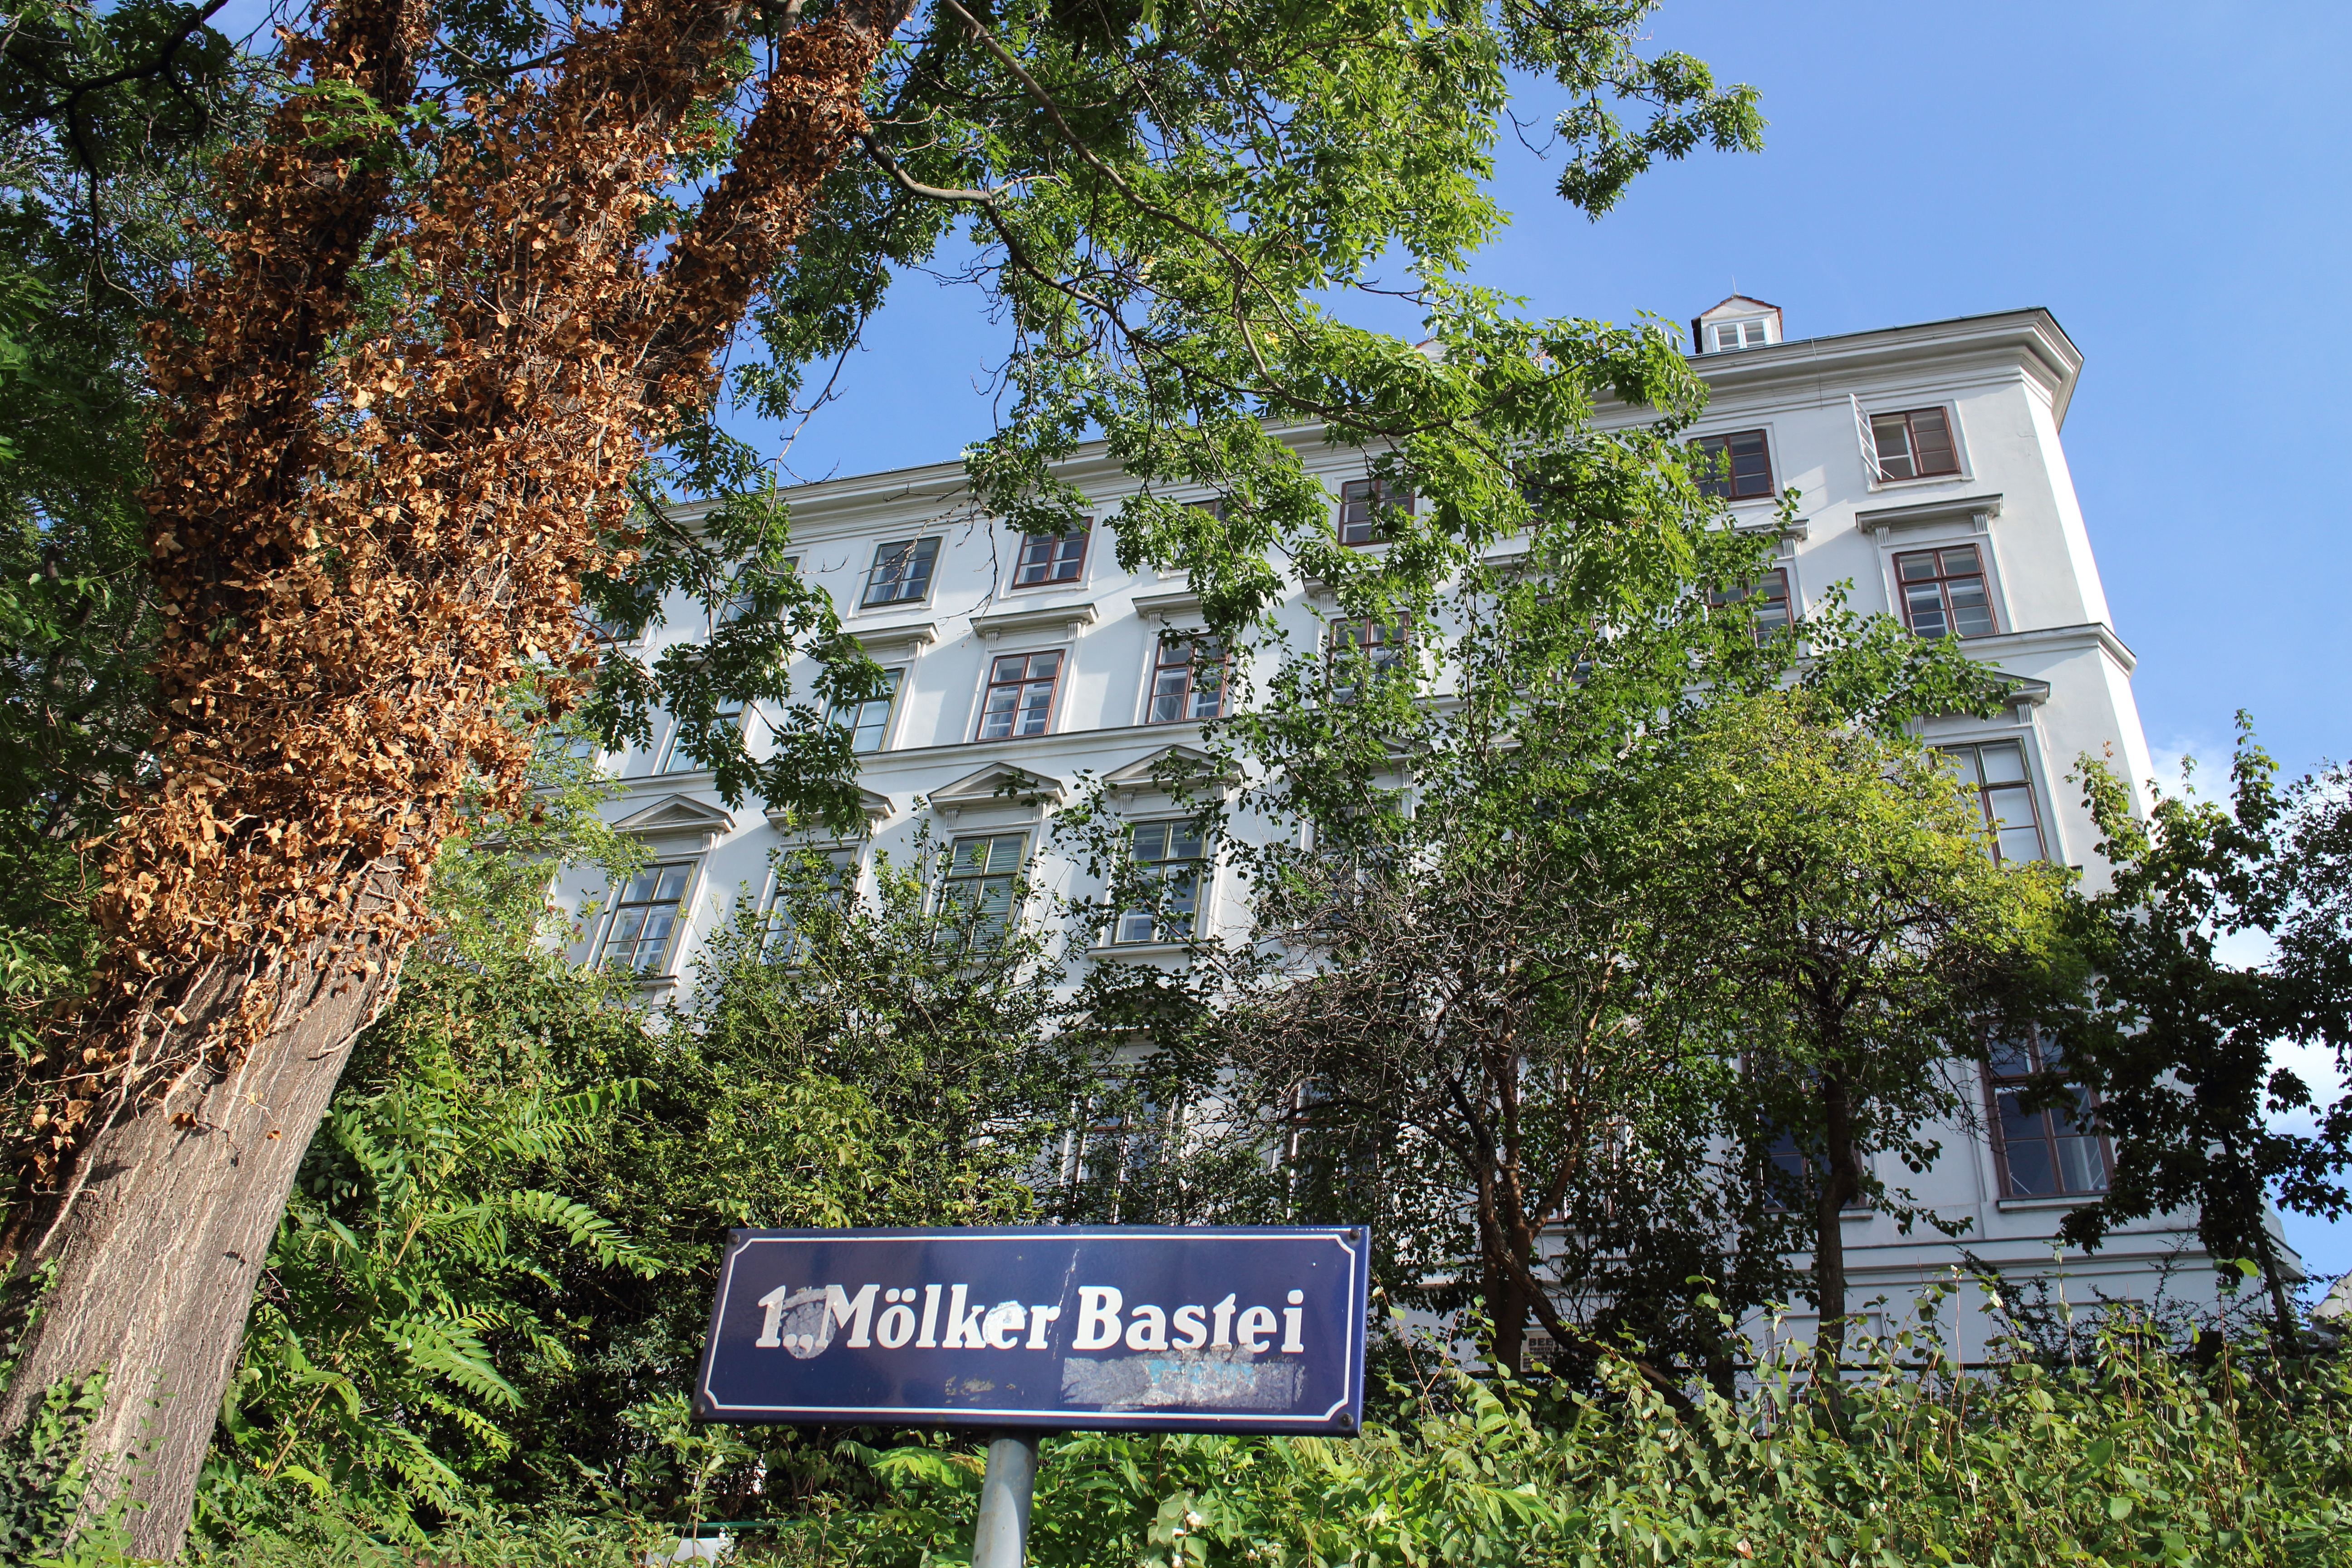 ウィーン市街地にあるベートーベン記念館 パスクァラティハウス